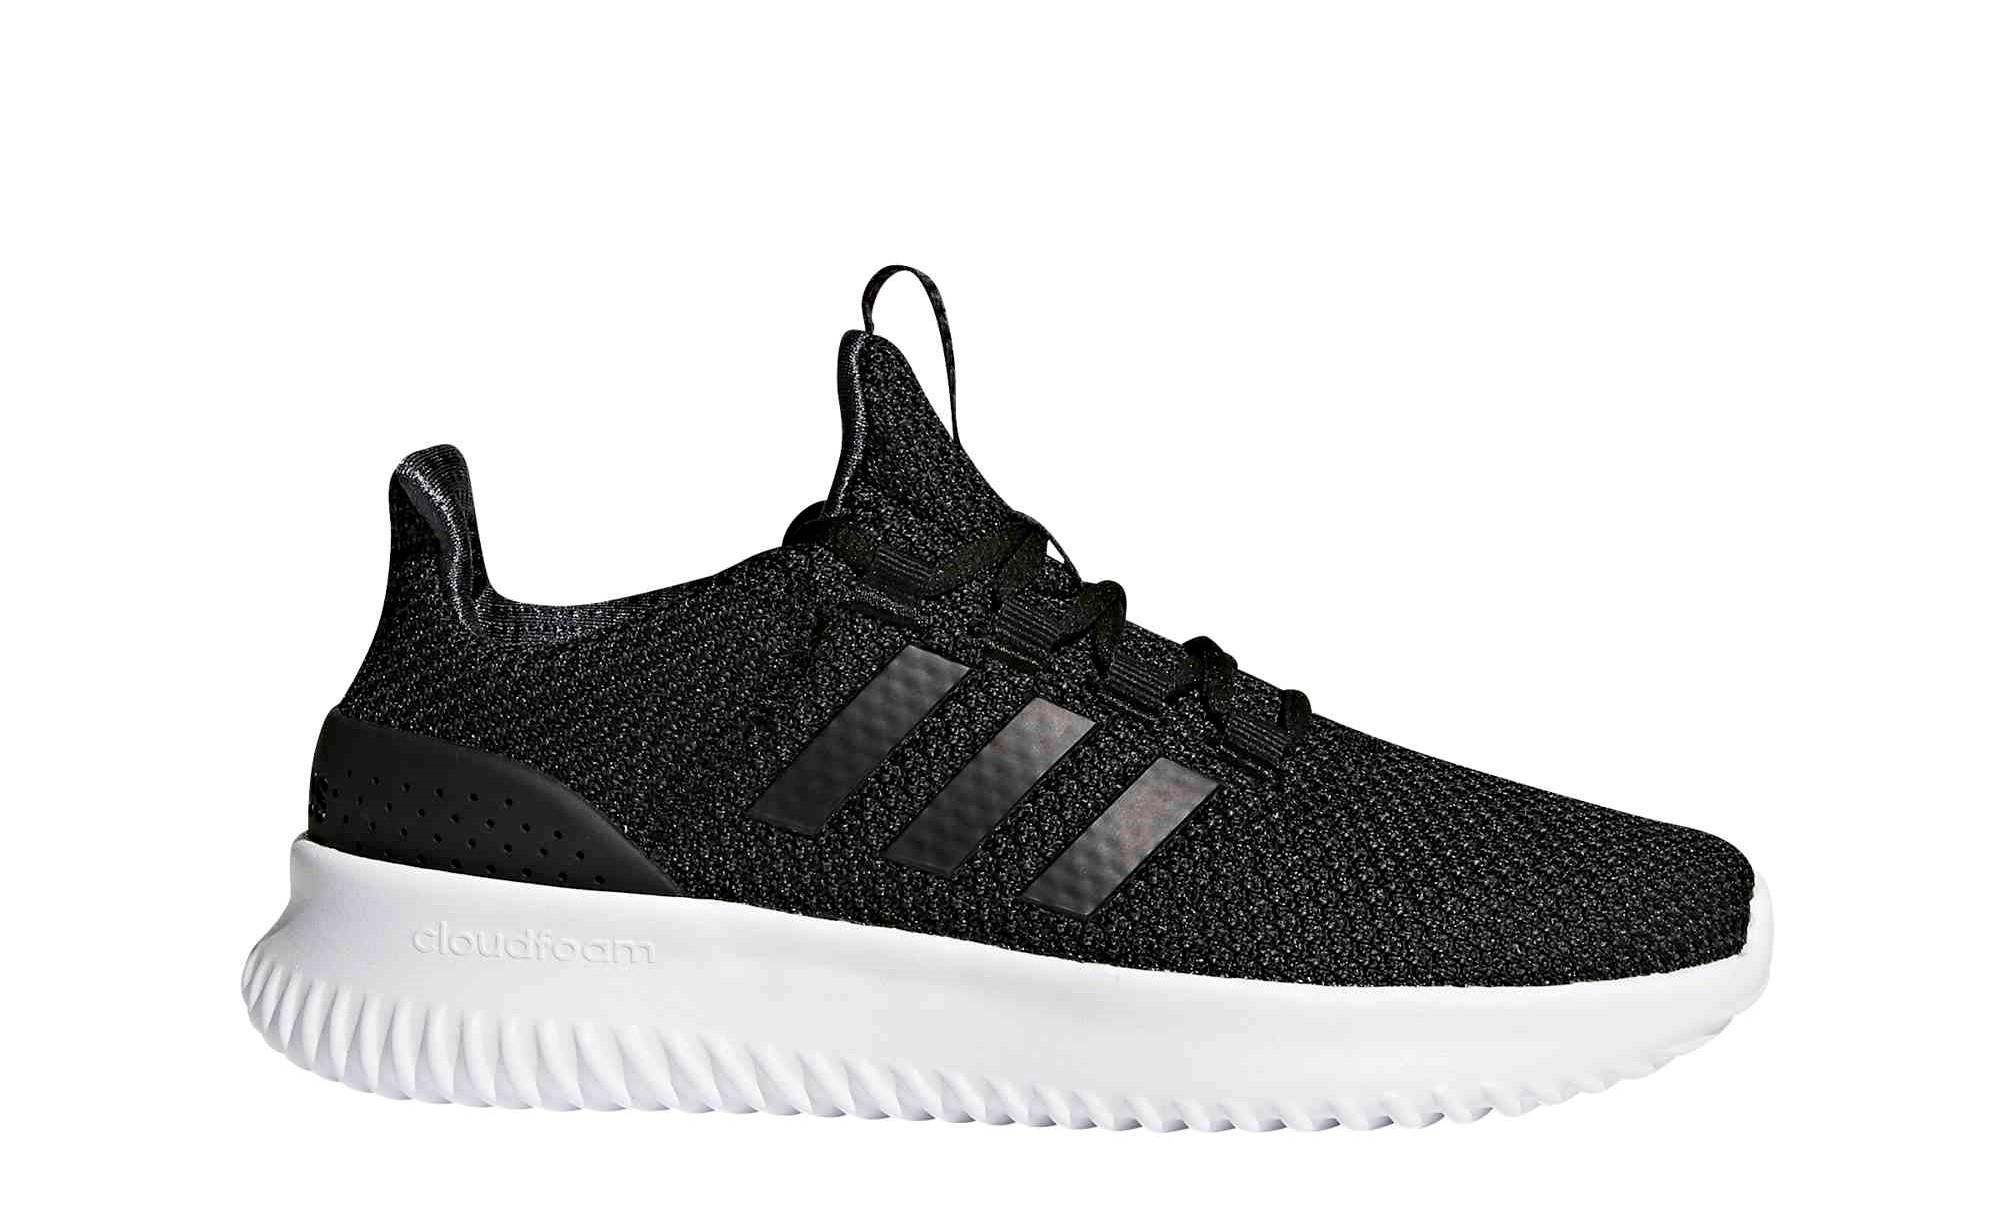 ad44850ae3a ADIDAS Cloudfoam Ultimate junior schoenen zwart